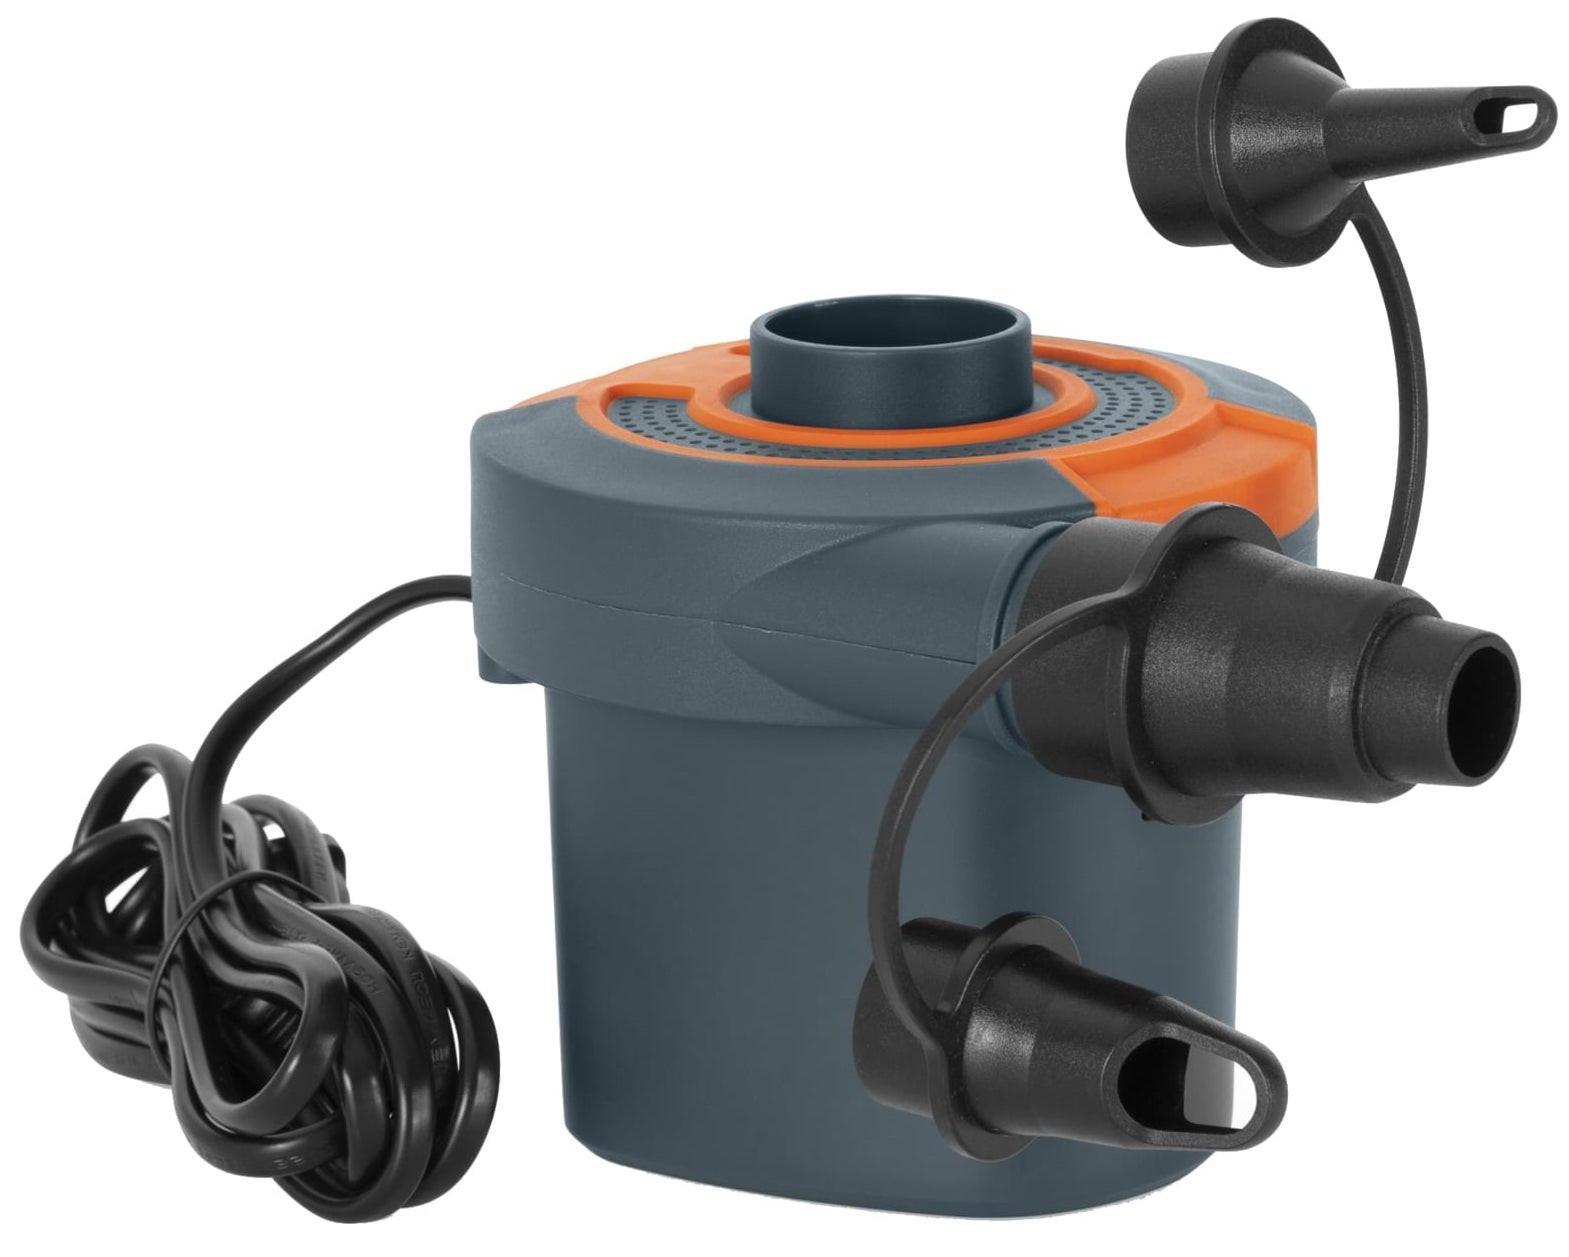 Pompa di Gonfiaggio Elettrica - 220 V